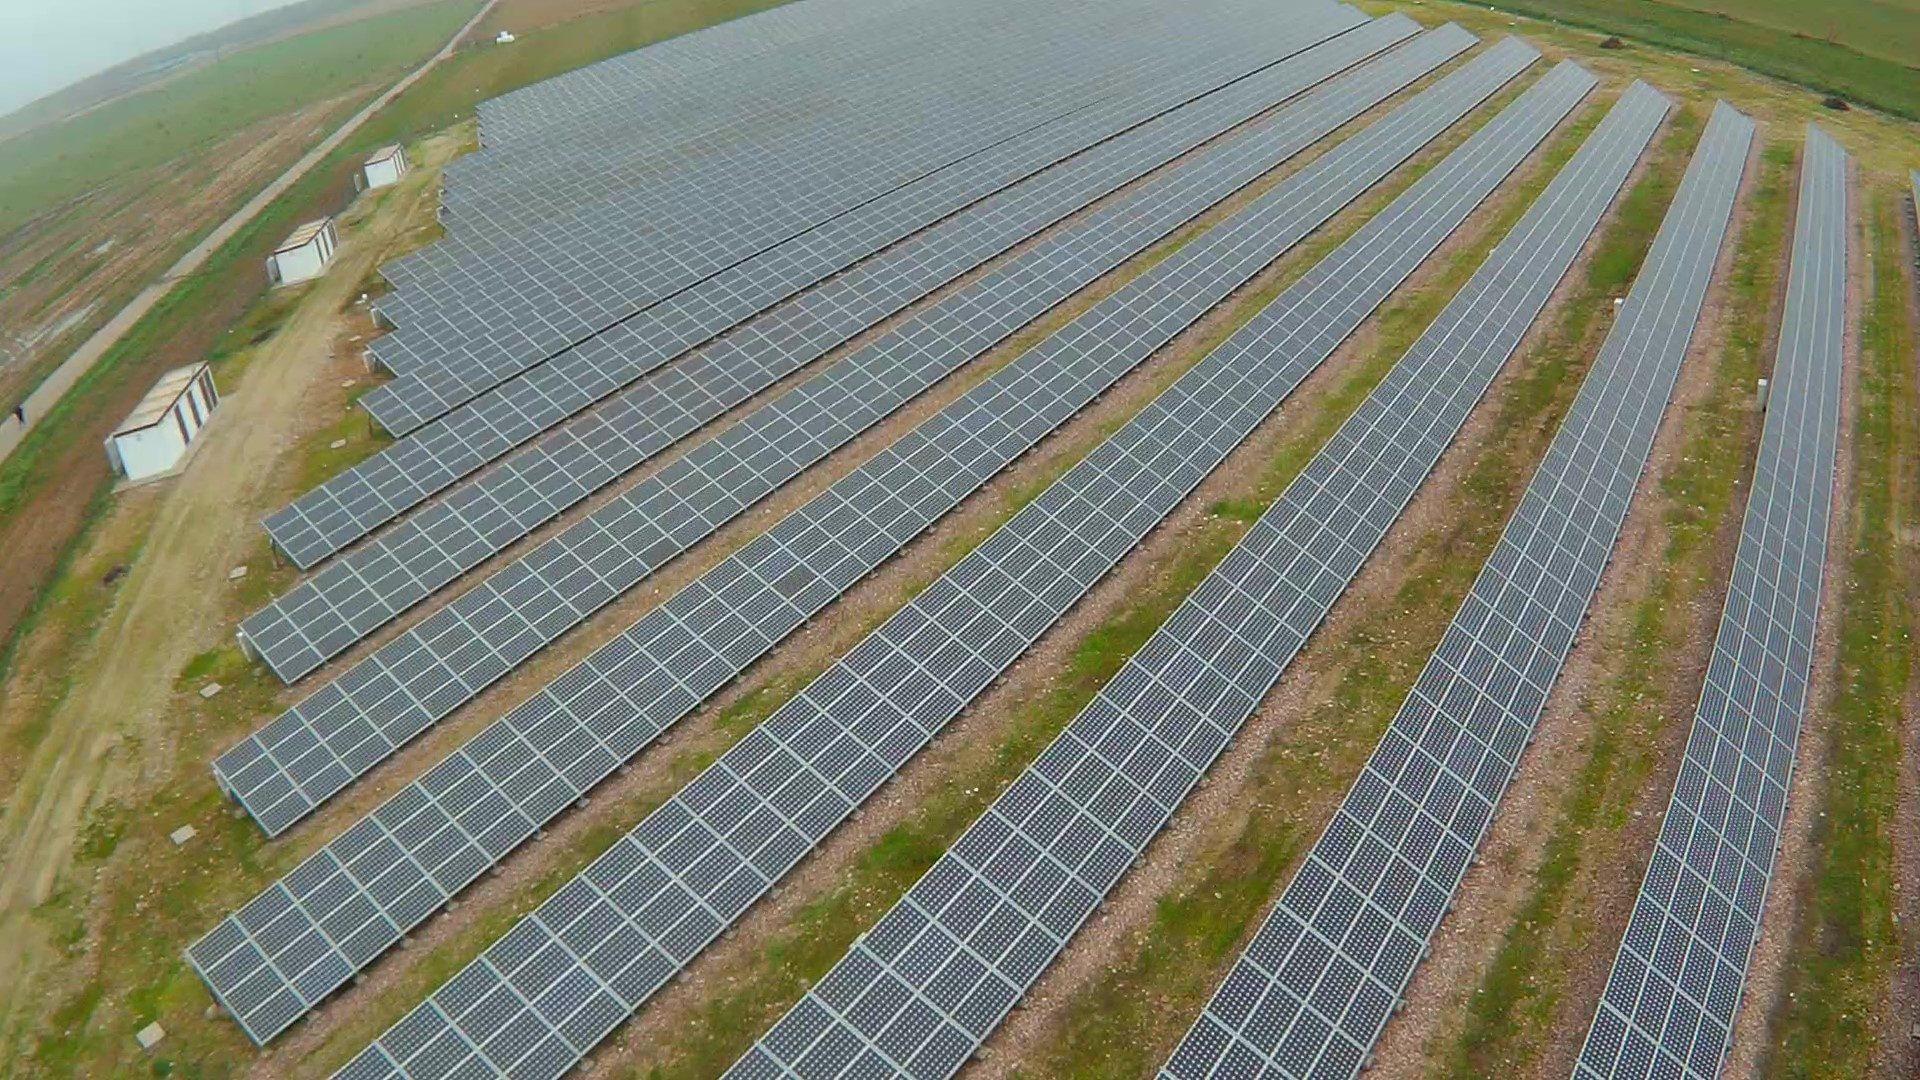 Isemaren Asesora A Tayan Energy Group En La Inversión De 500 Millones De Euros En Energía Fotovoltaica